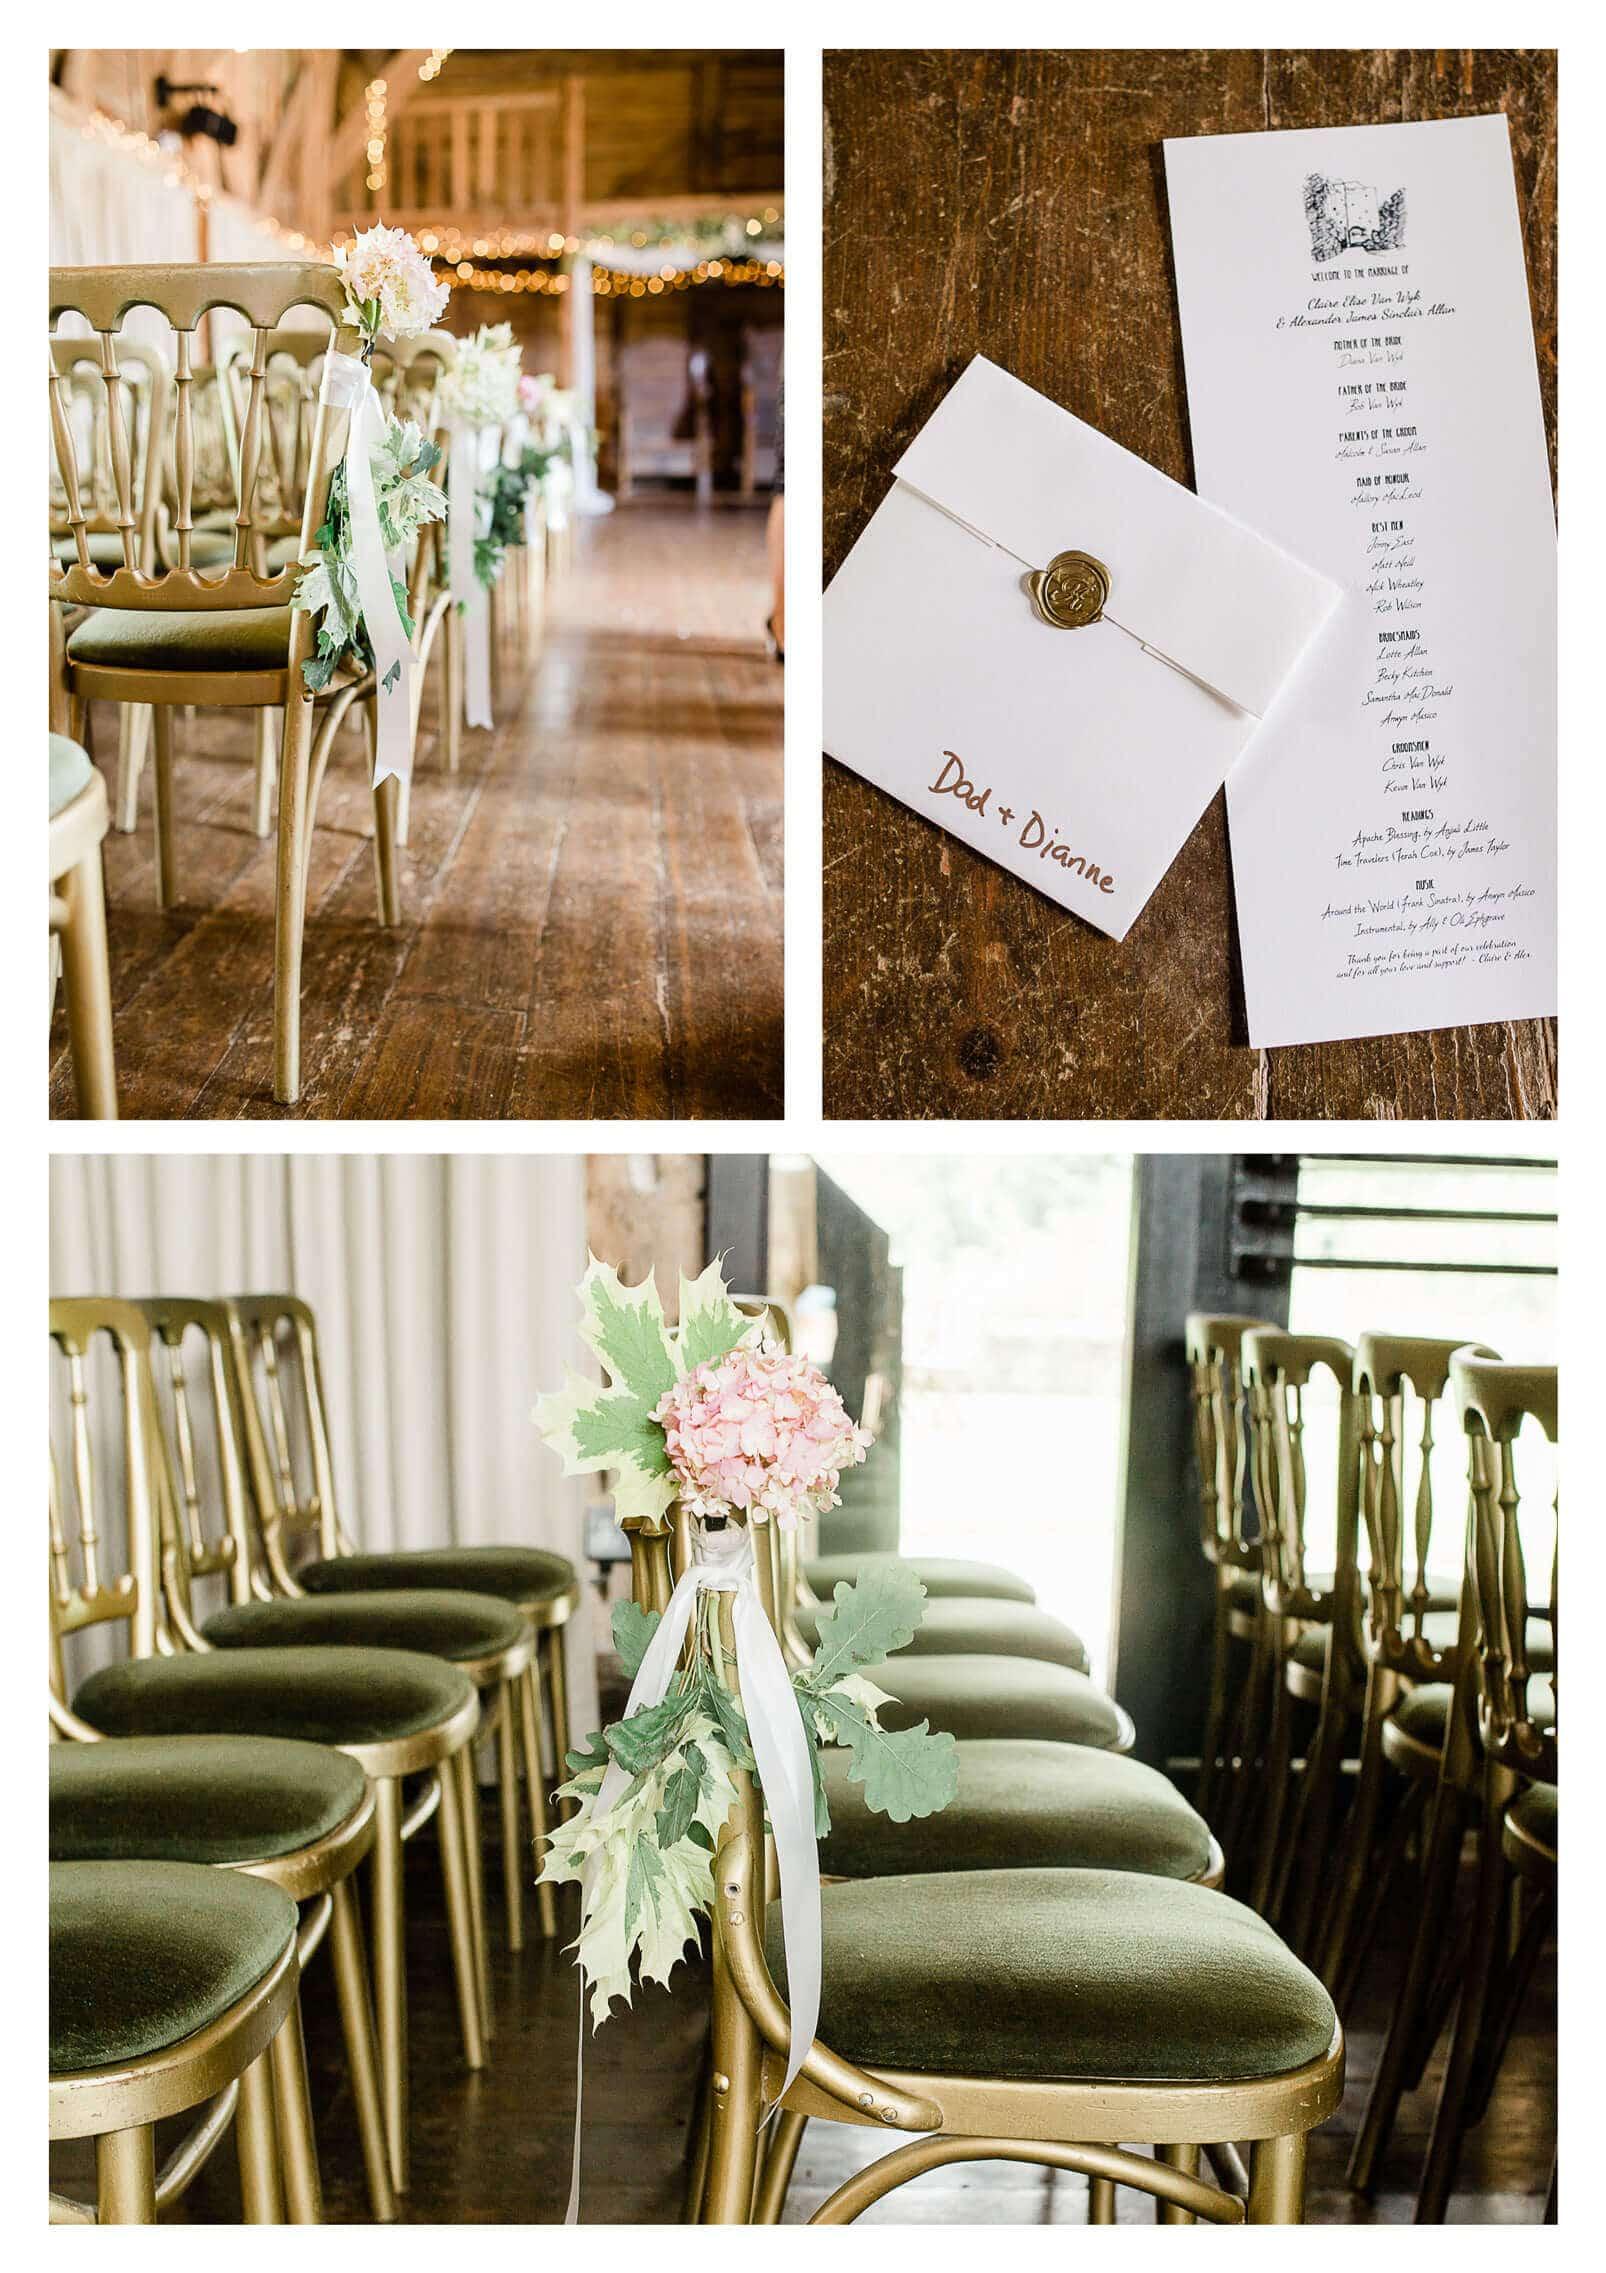 Michelham Priory wedding ceremony details in Hailsham | East Sussex Wedding Photographer